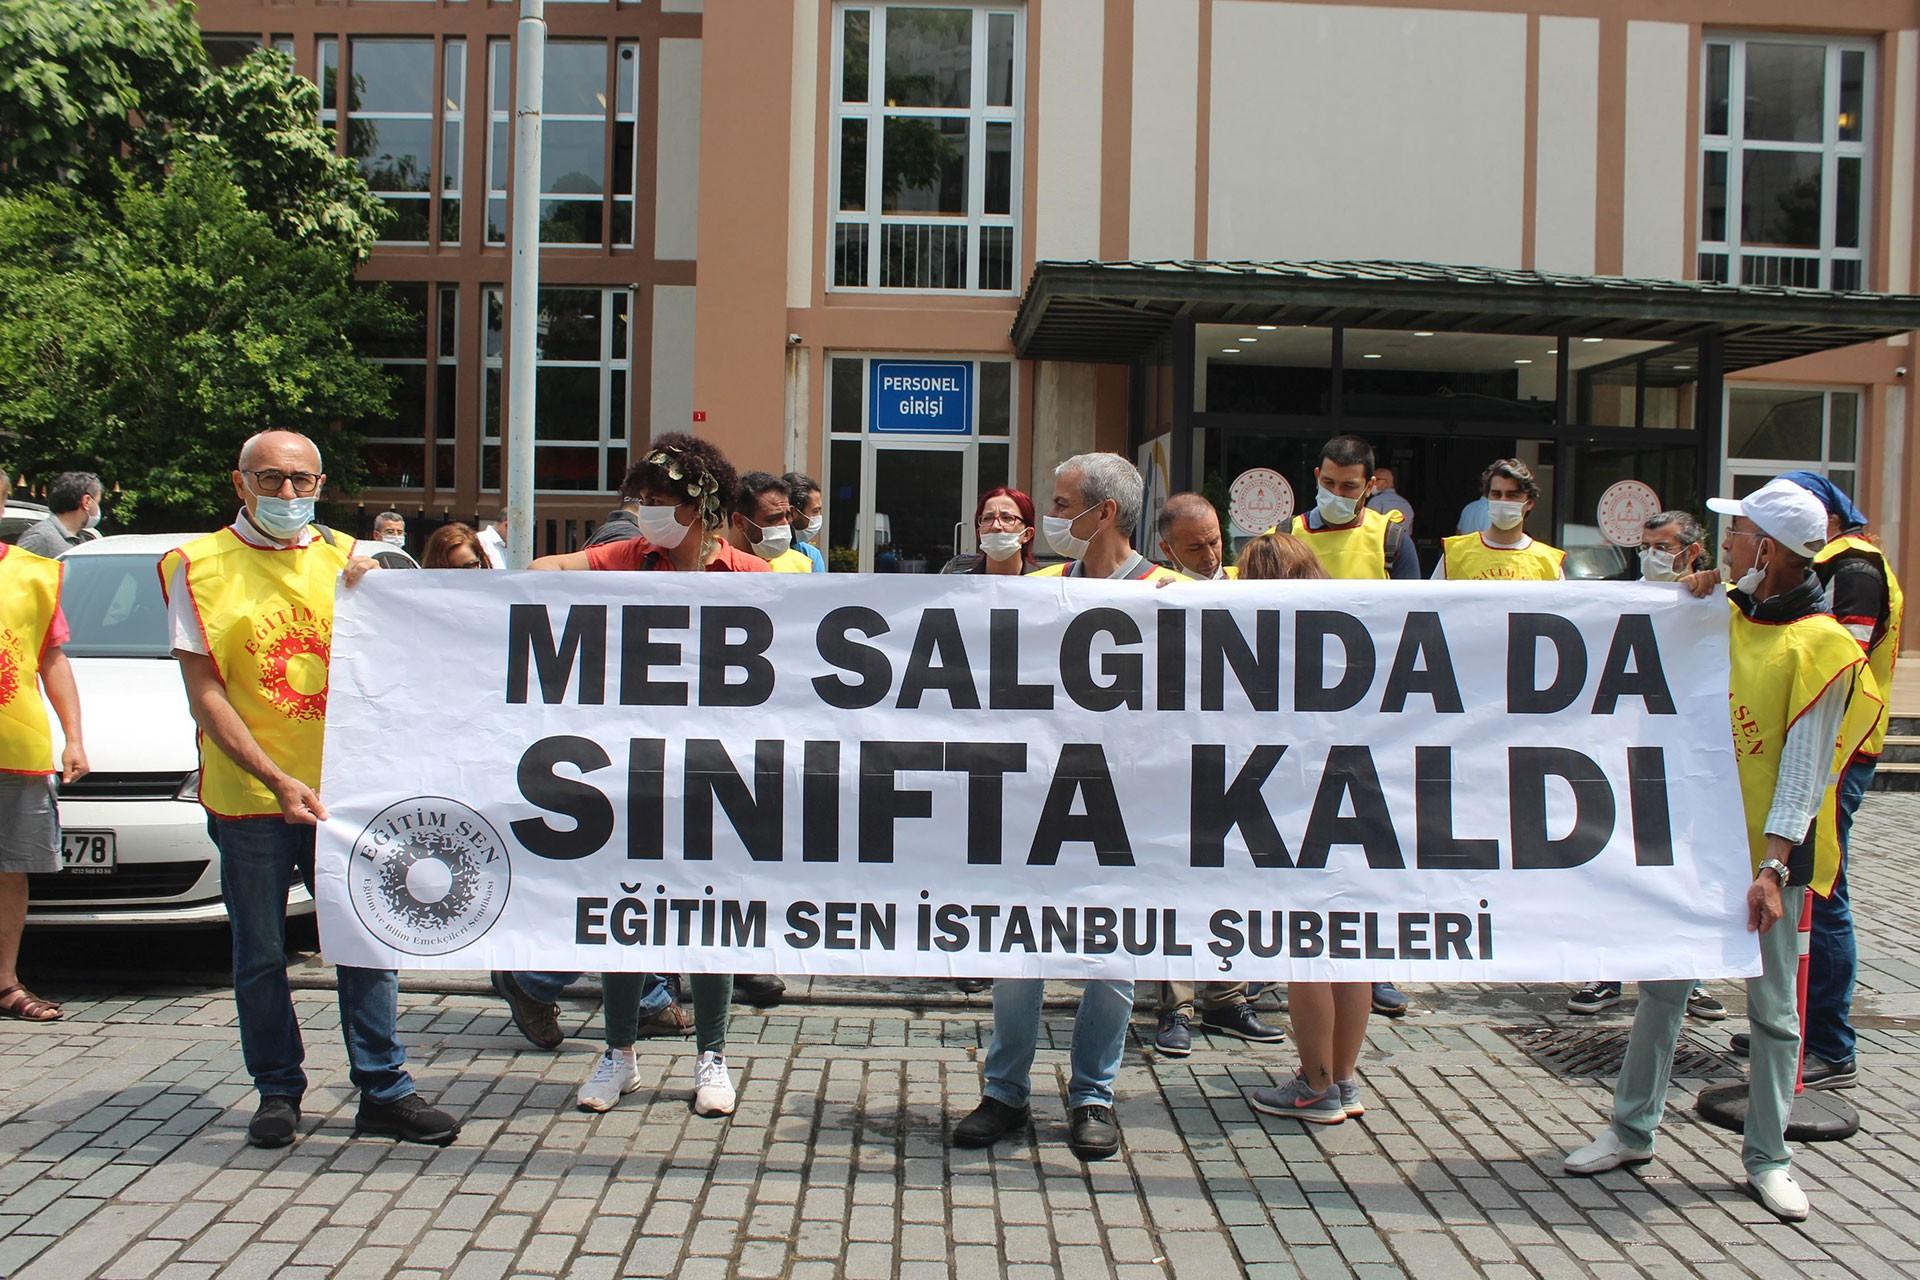 S'algı'nın yönetimi - Feray Aytekin Aydoğan